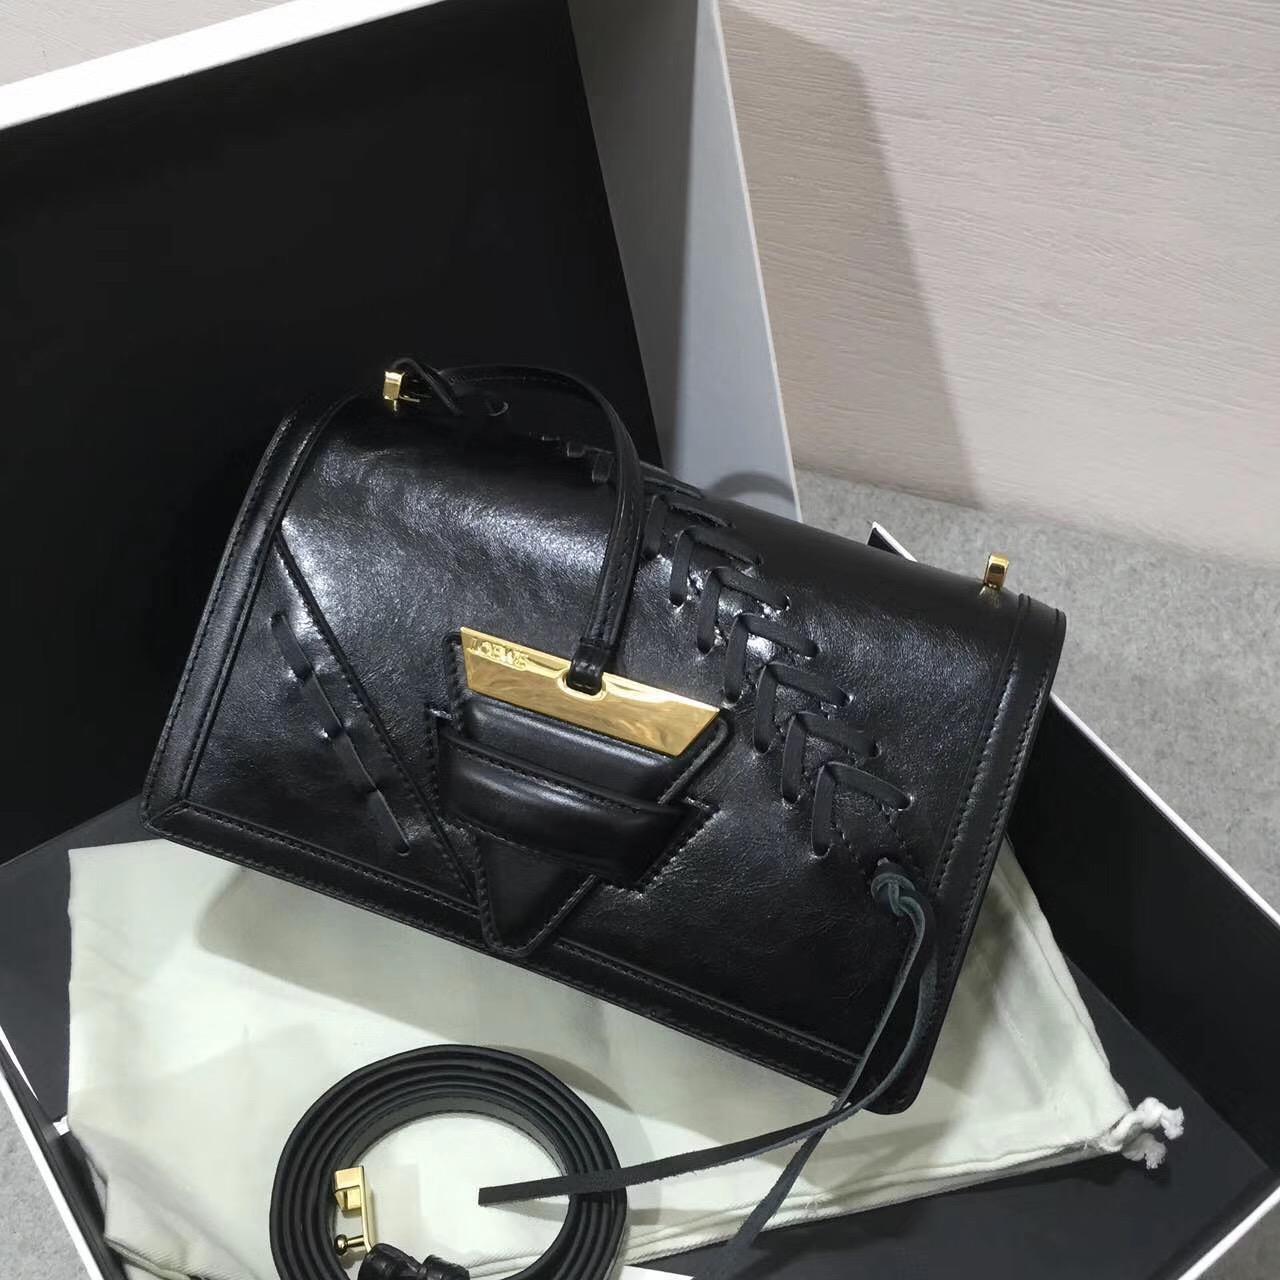 羅意威巴塞羅那包 Barcelona Laced Bag 三角形包袋 小牛皮黑色